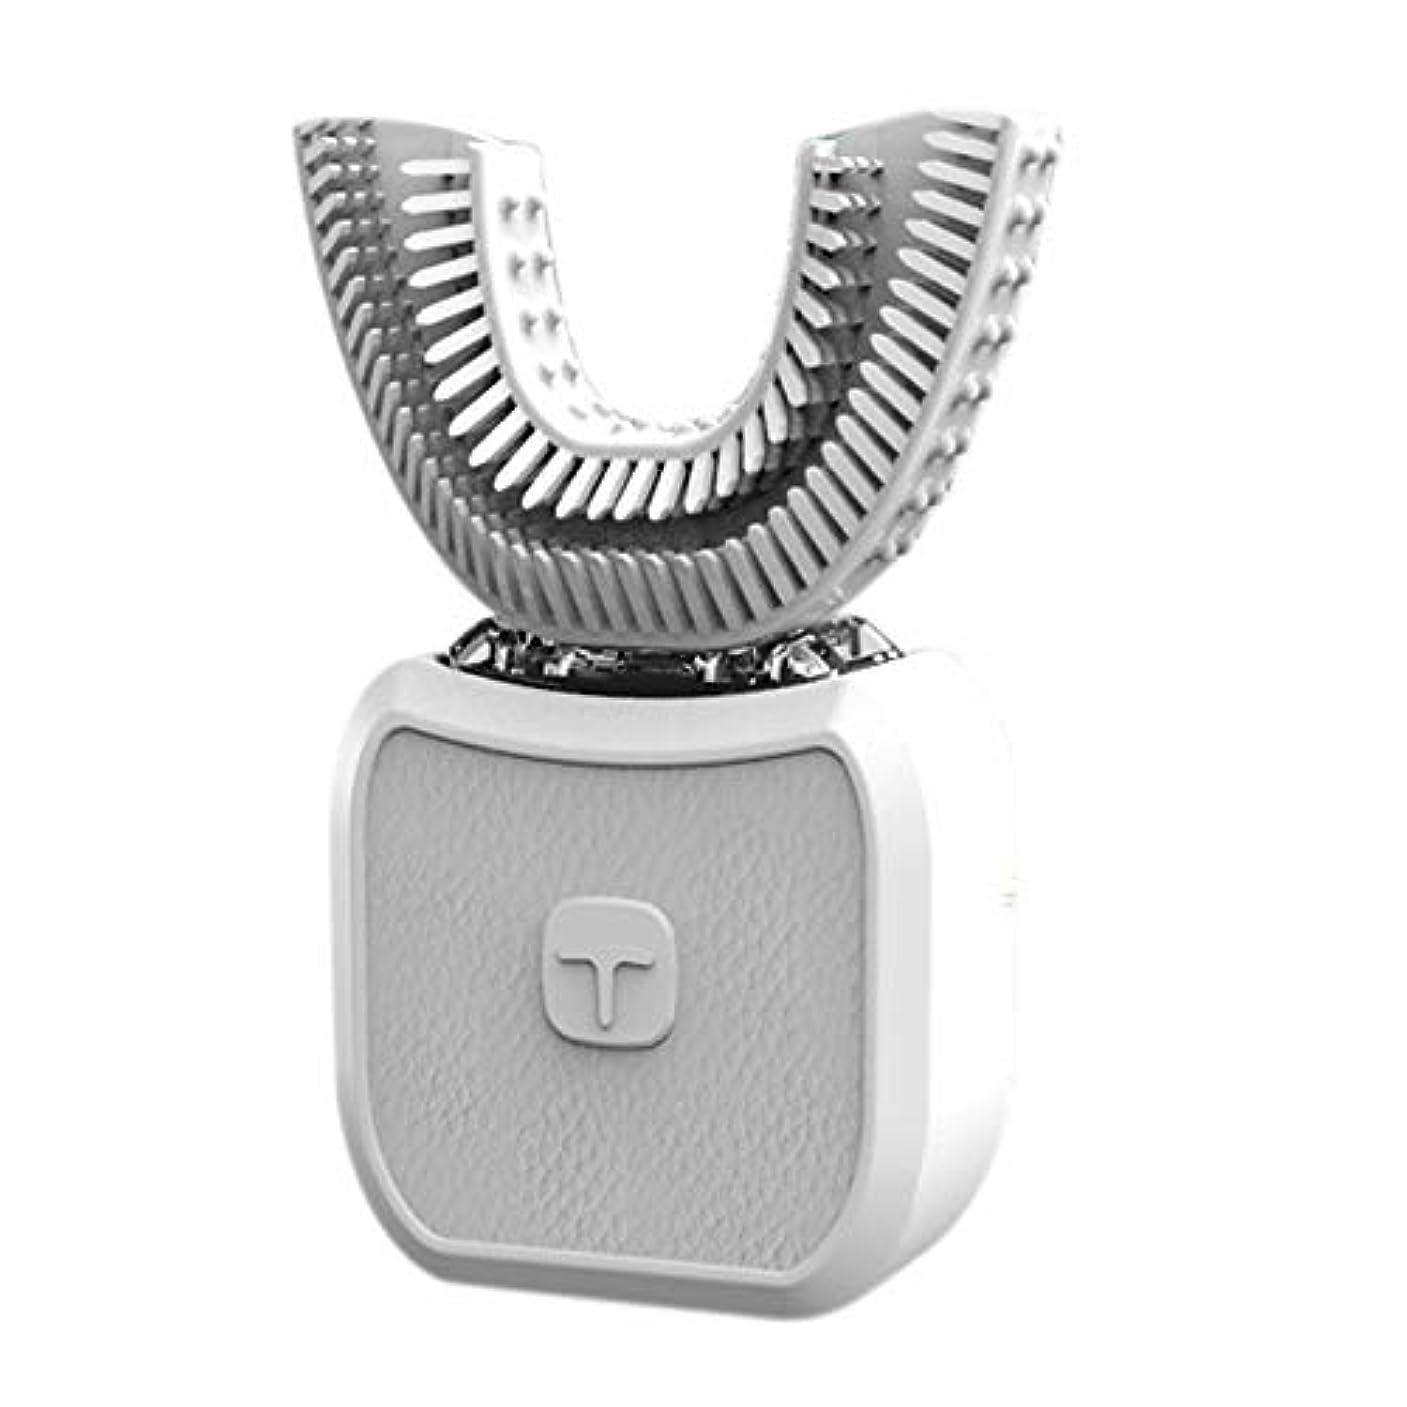 米国一月くぼみフルオートマチック可変周波数電動歯ブラシ、自動360度U字型電動歯ブラシ、ワイヤレス充電IPX7防水自動歯ブラシ(大人用),White